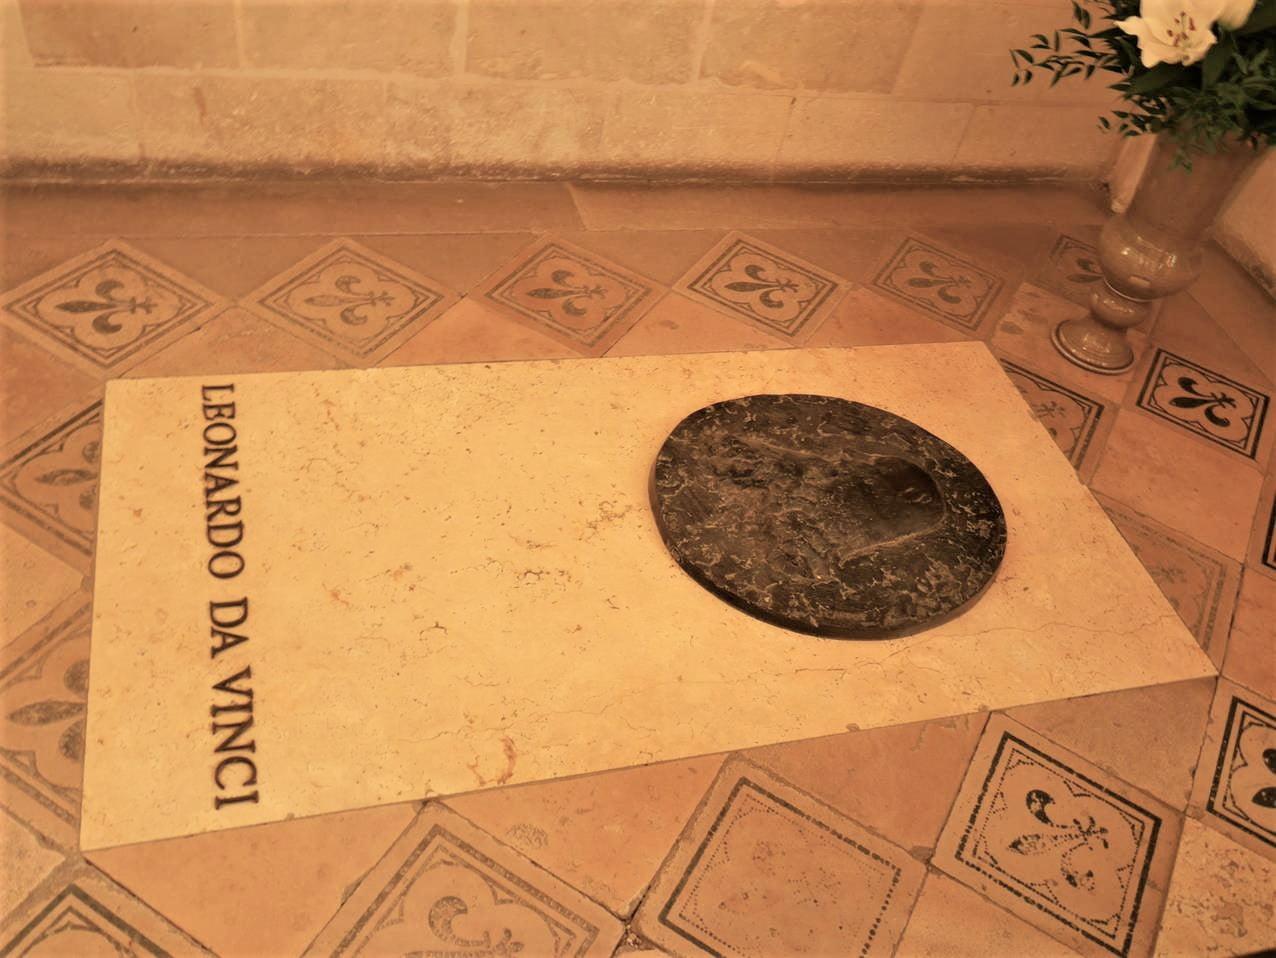 昂布瓦斯城堡內達文西之墓